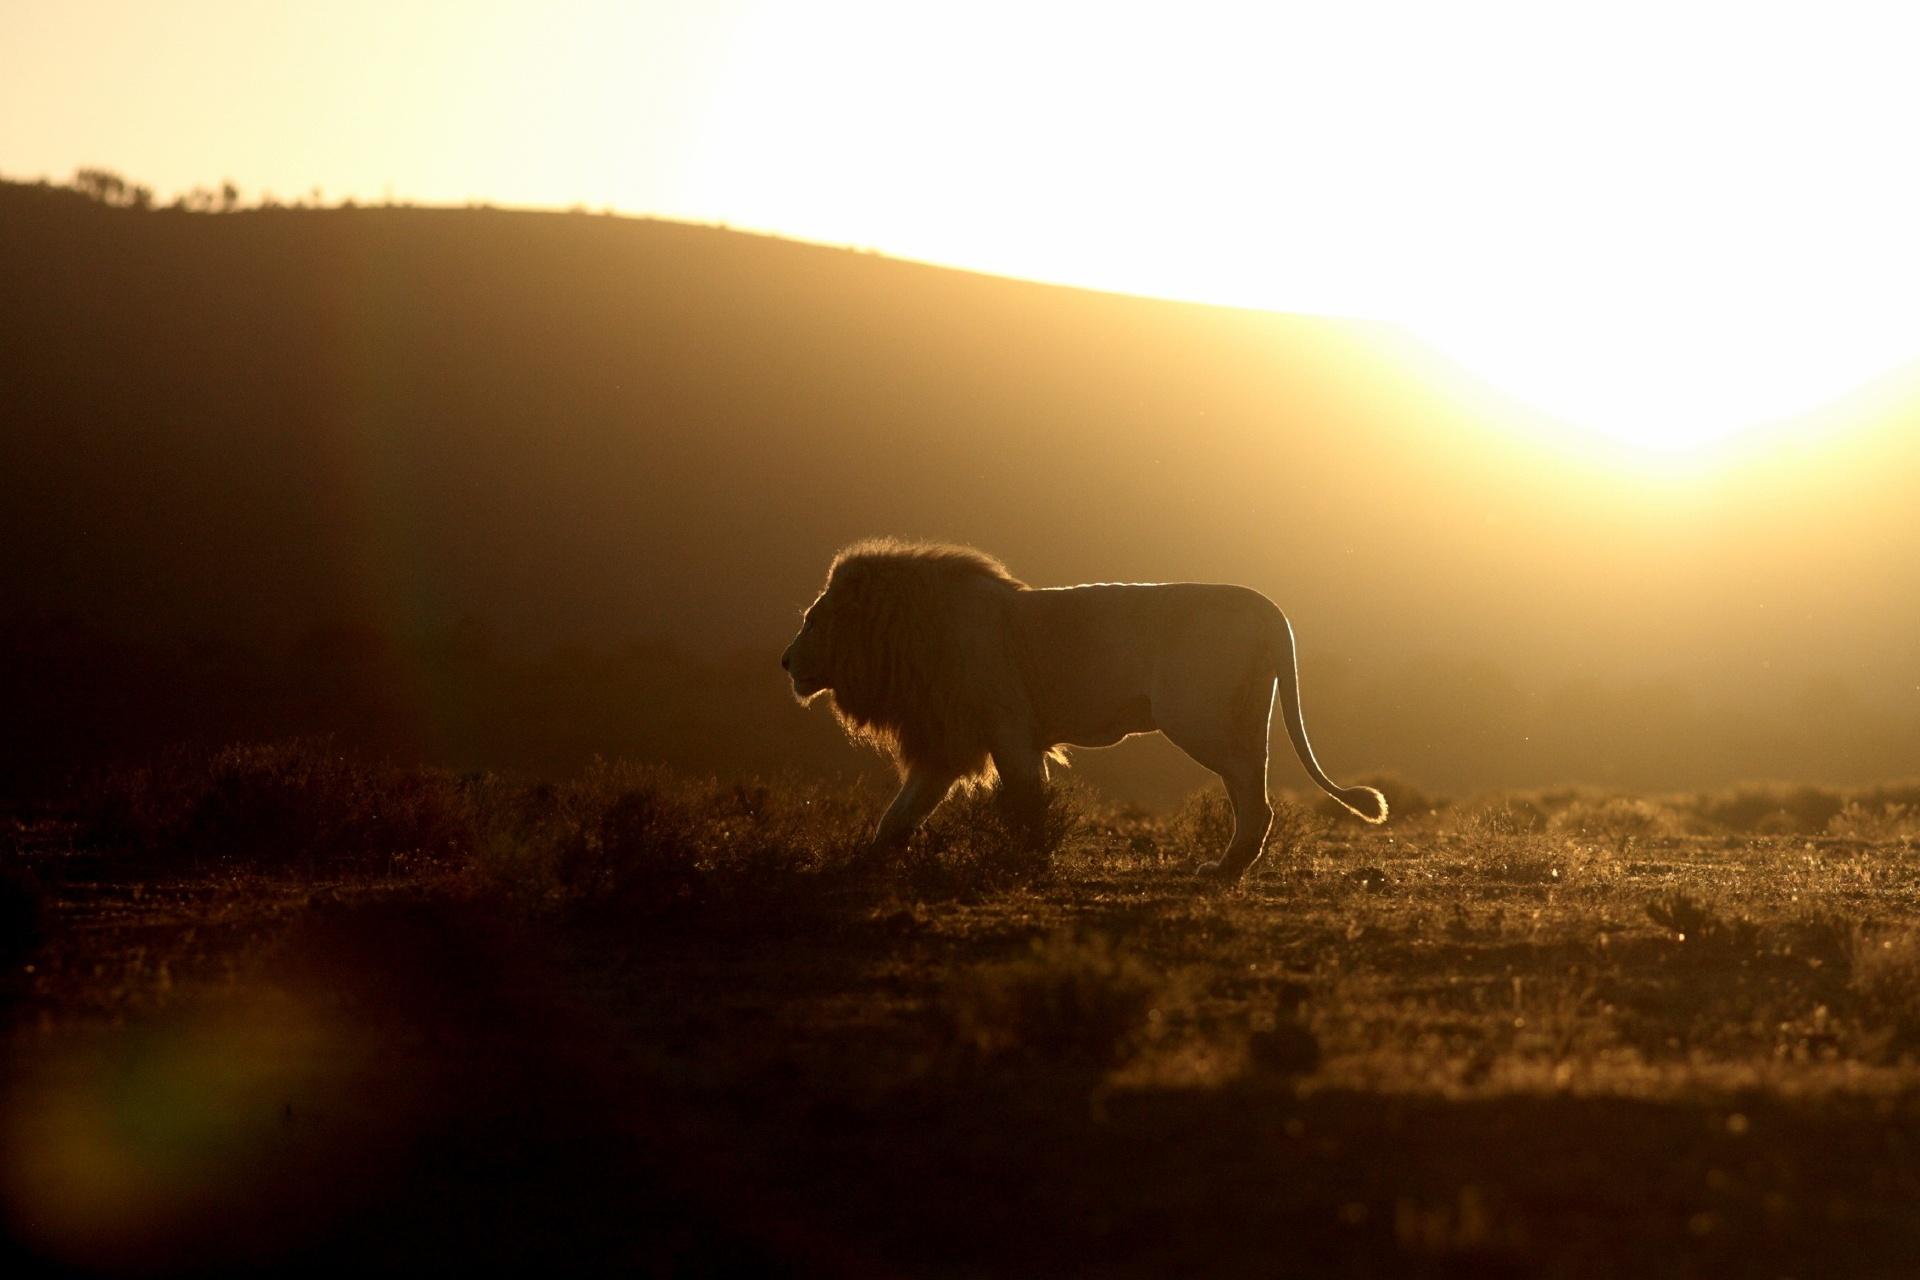 夕方のサバンナを行くライオン アフリカの風景